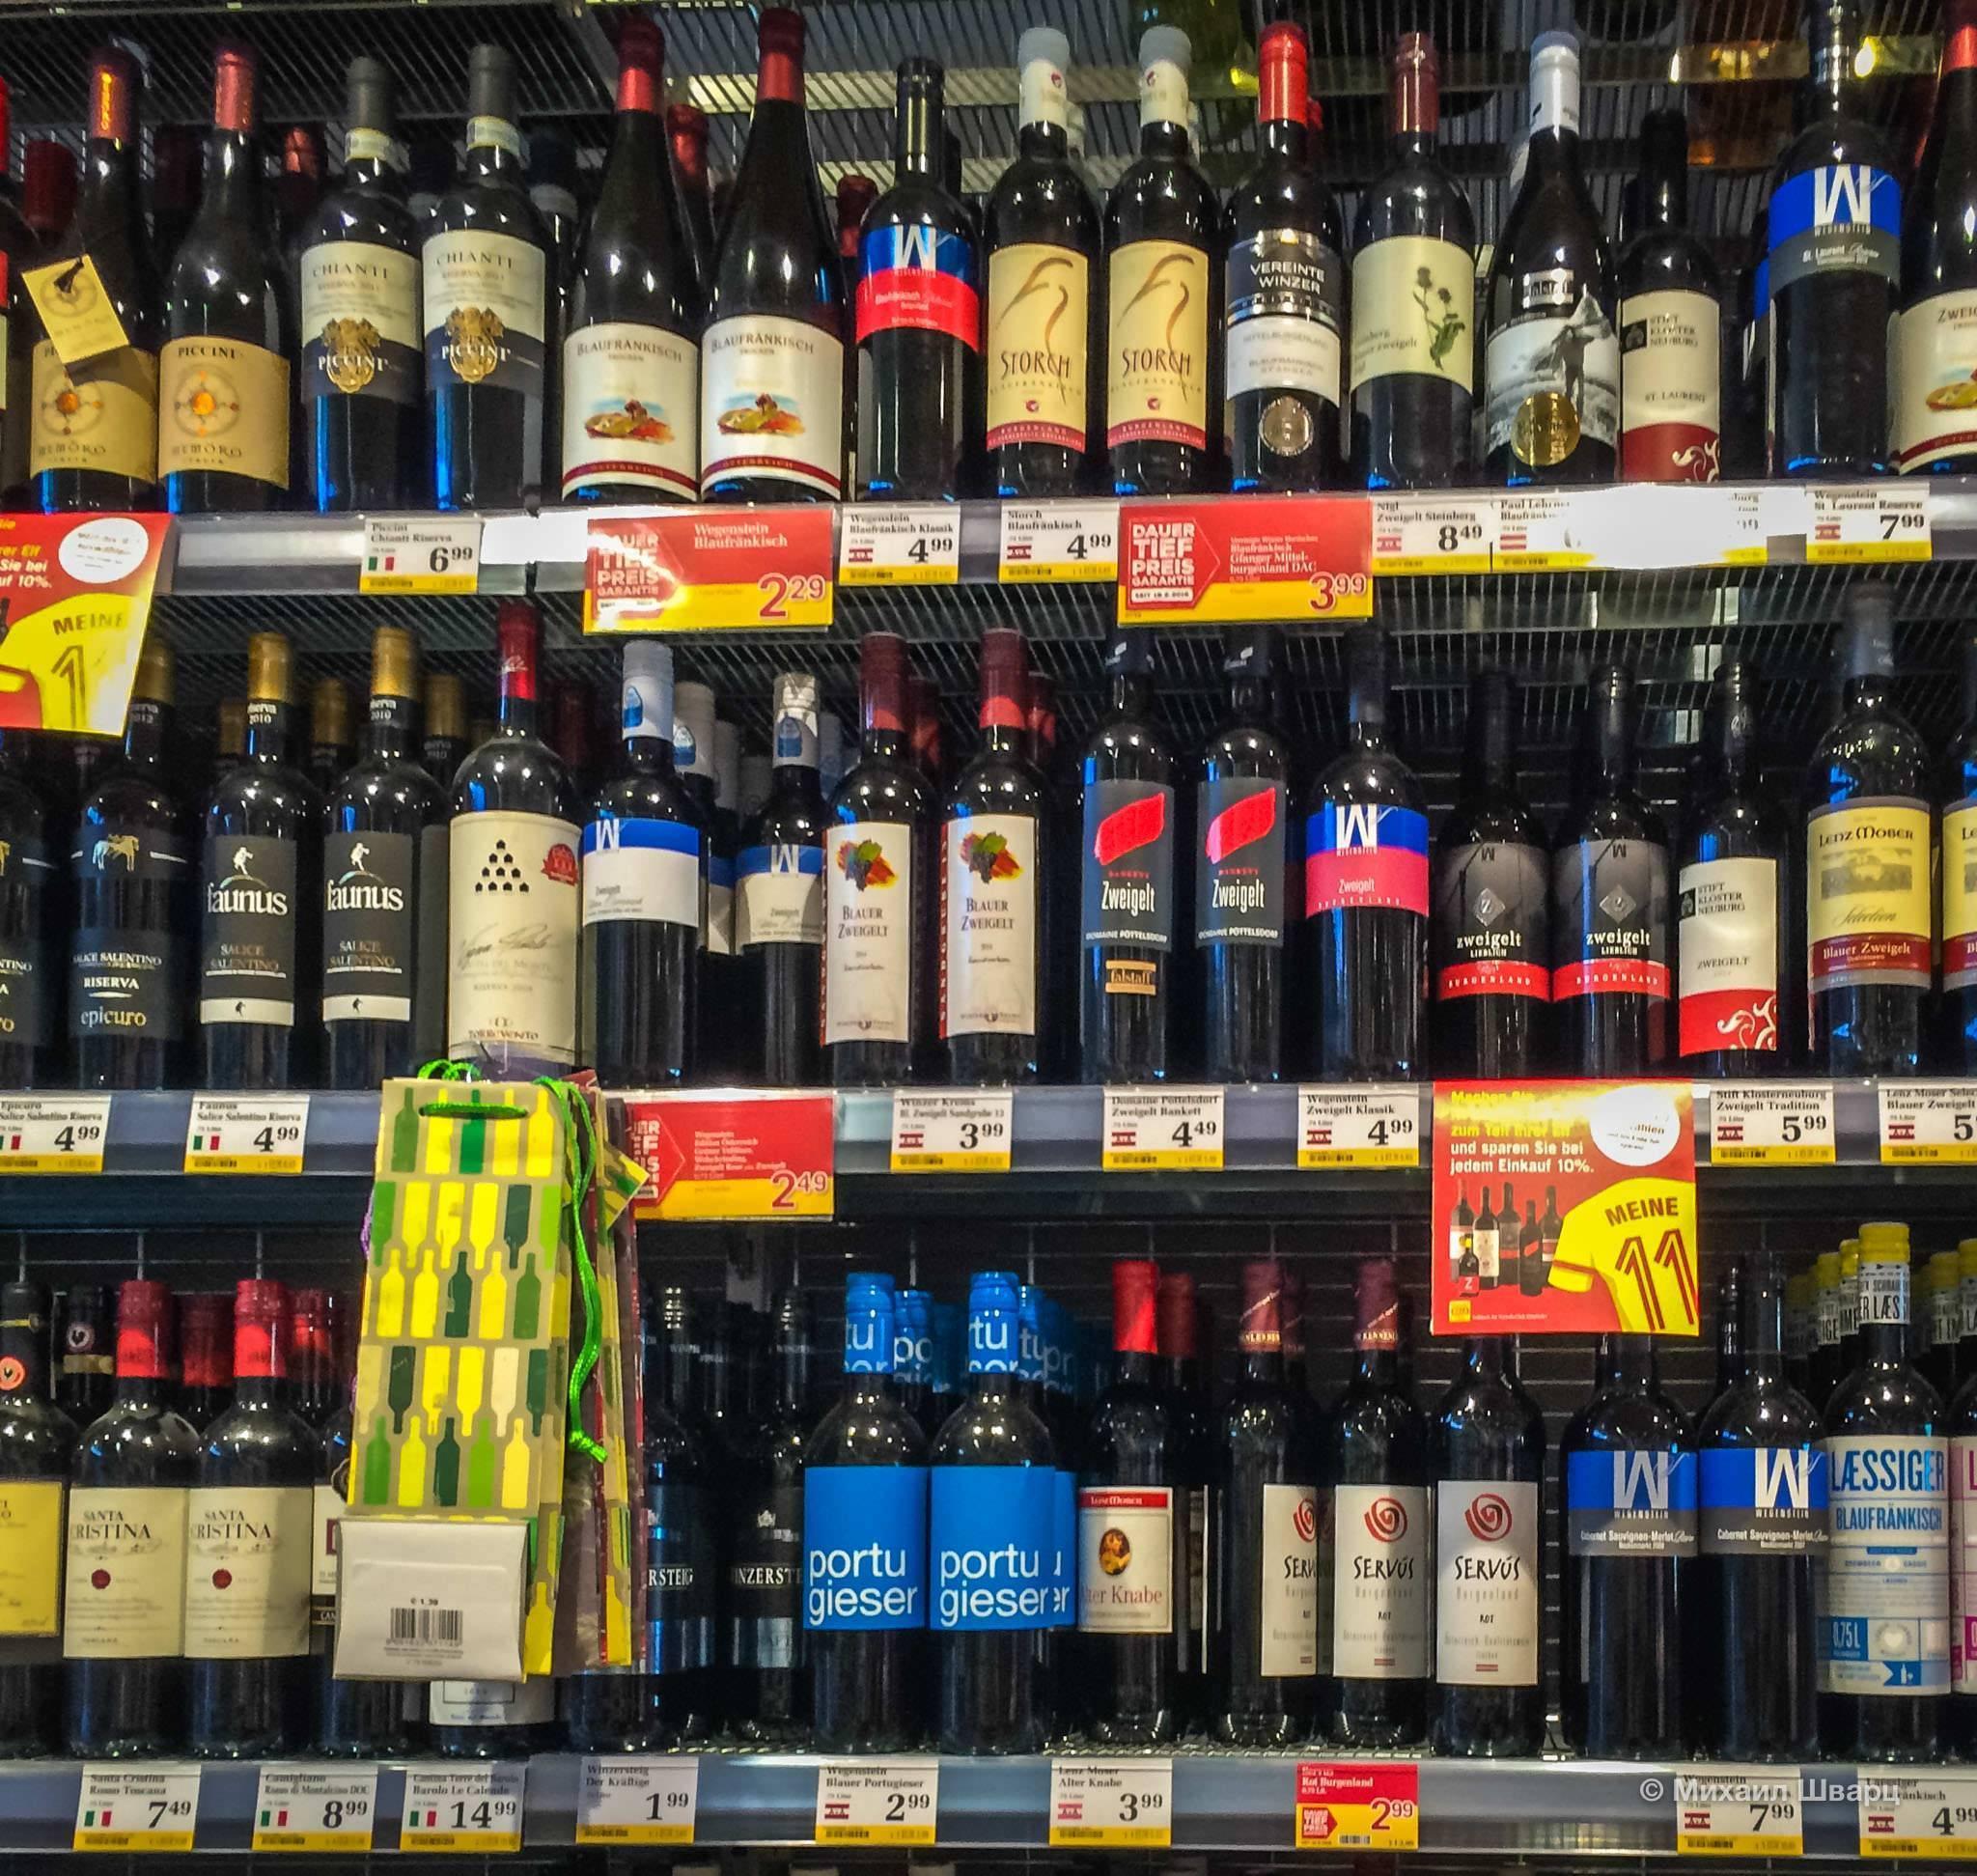 Обзор видов и марок австралийских вин